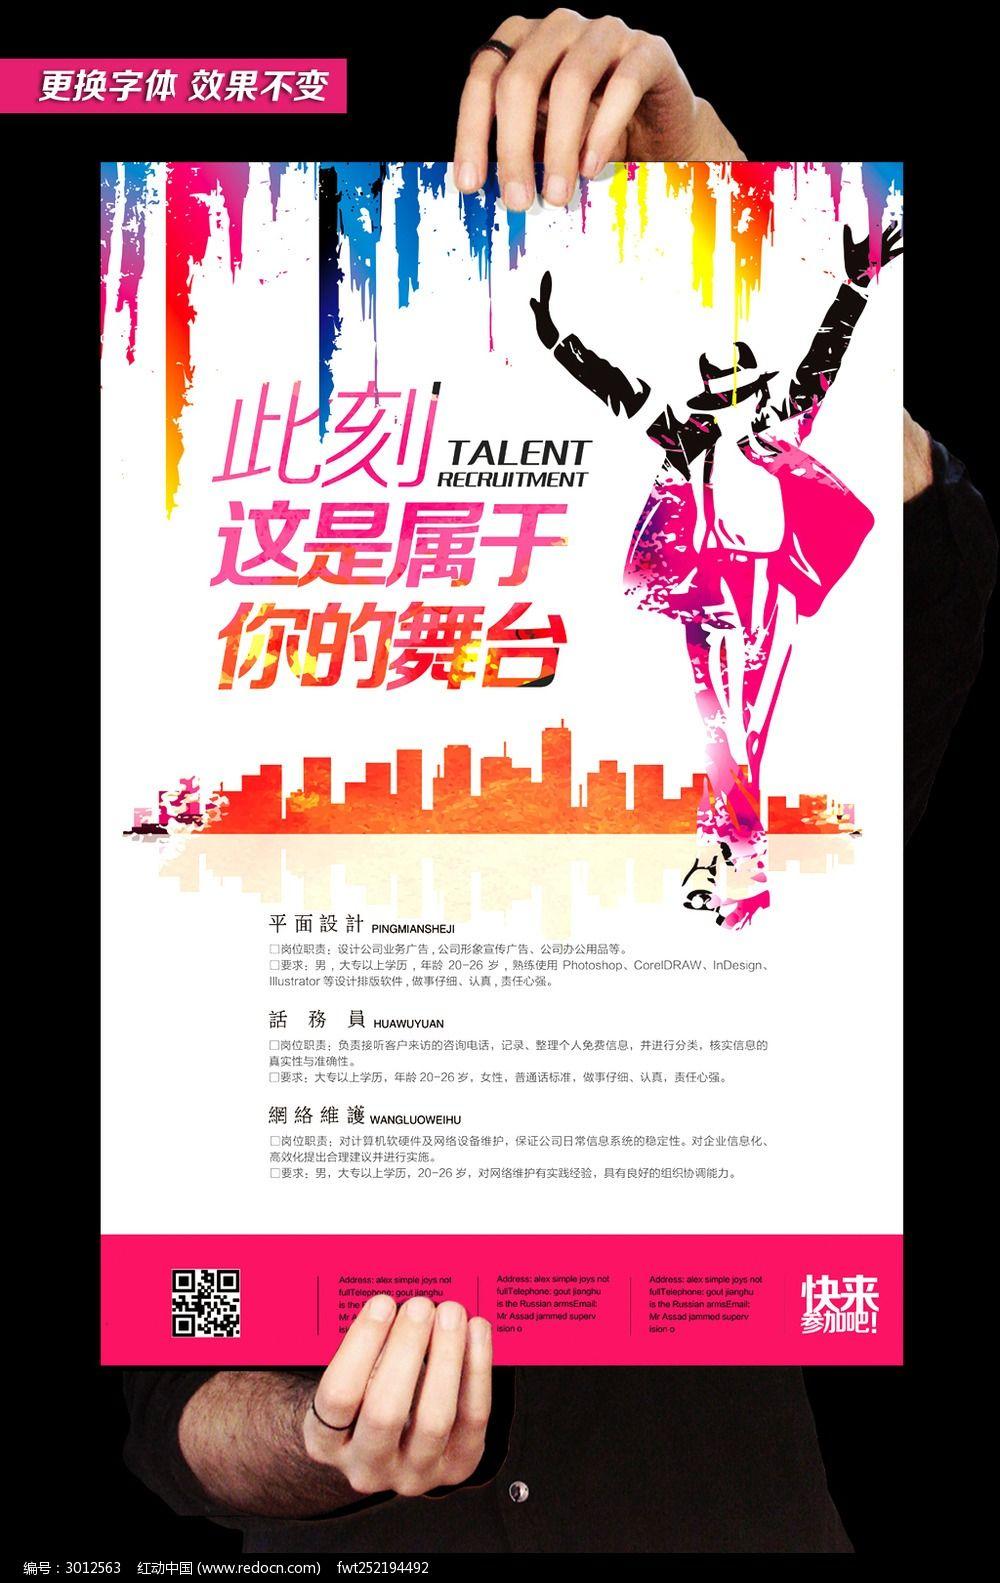 舞蹈比赛招聘海报